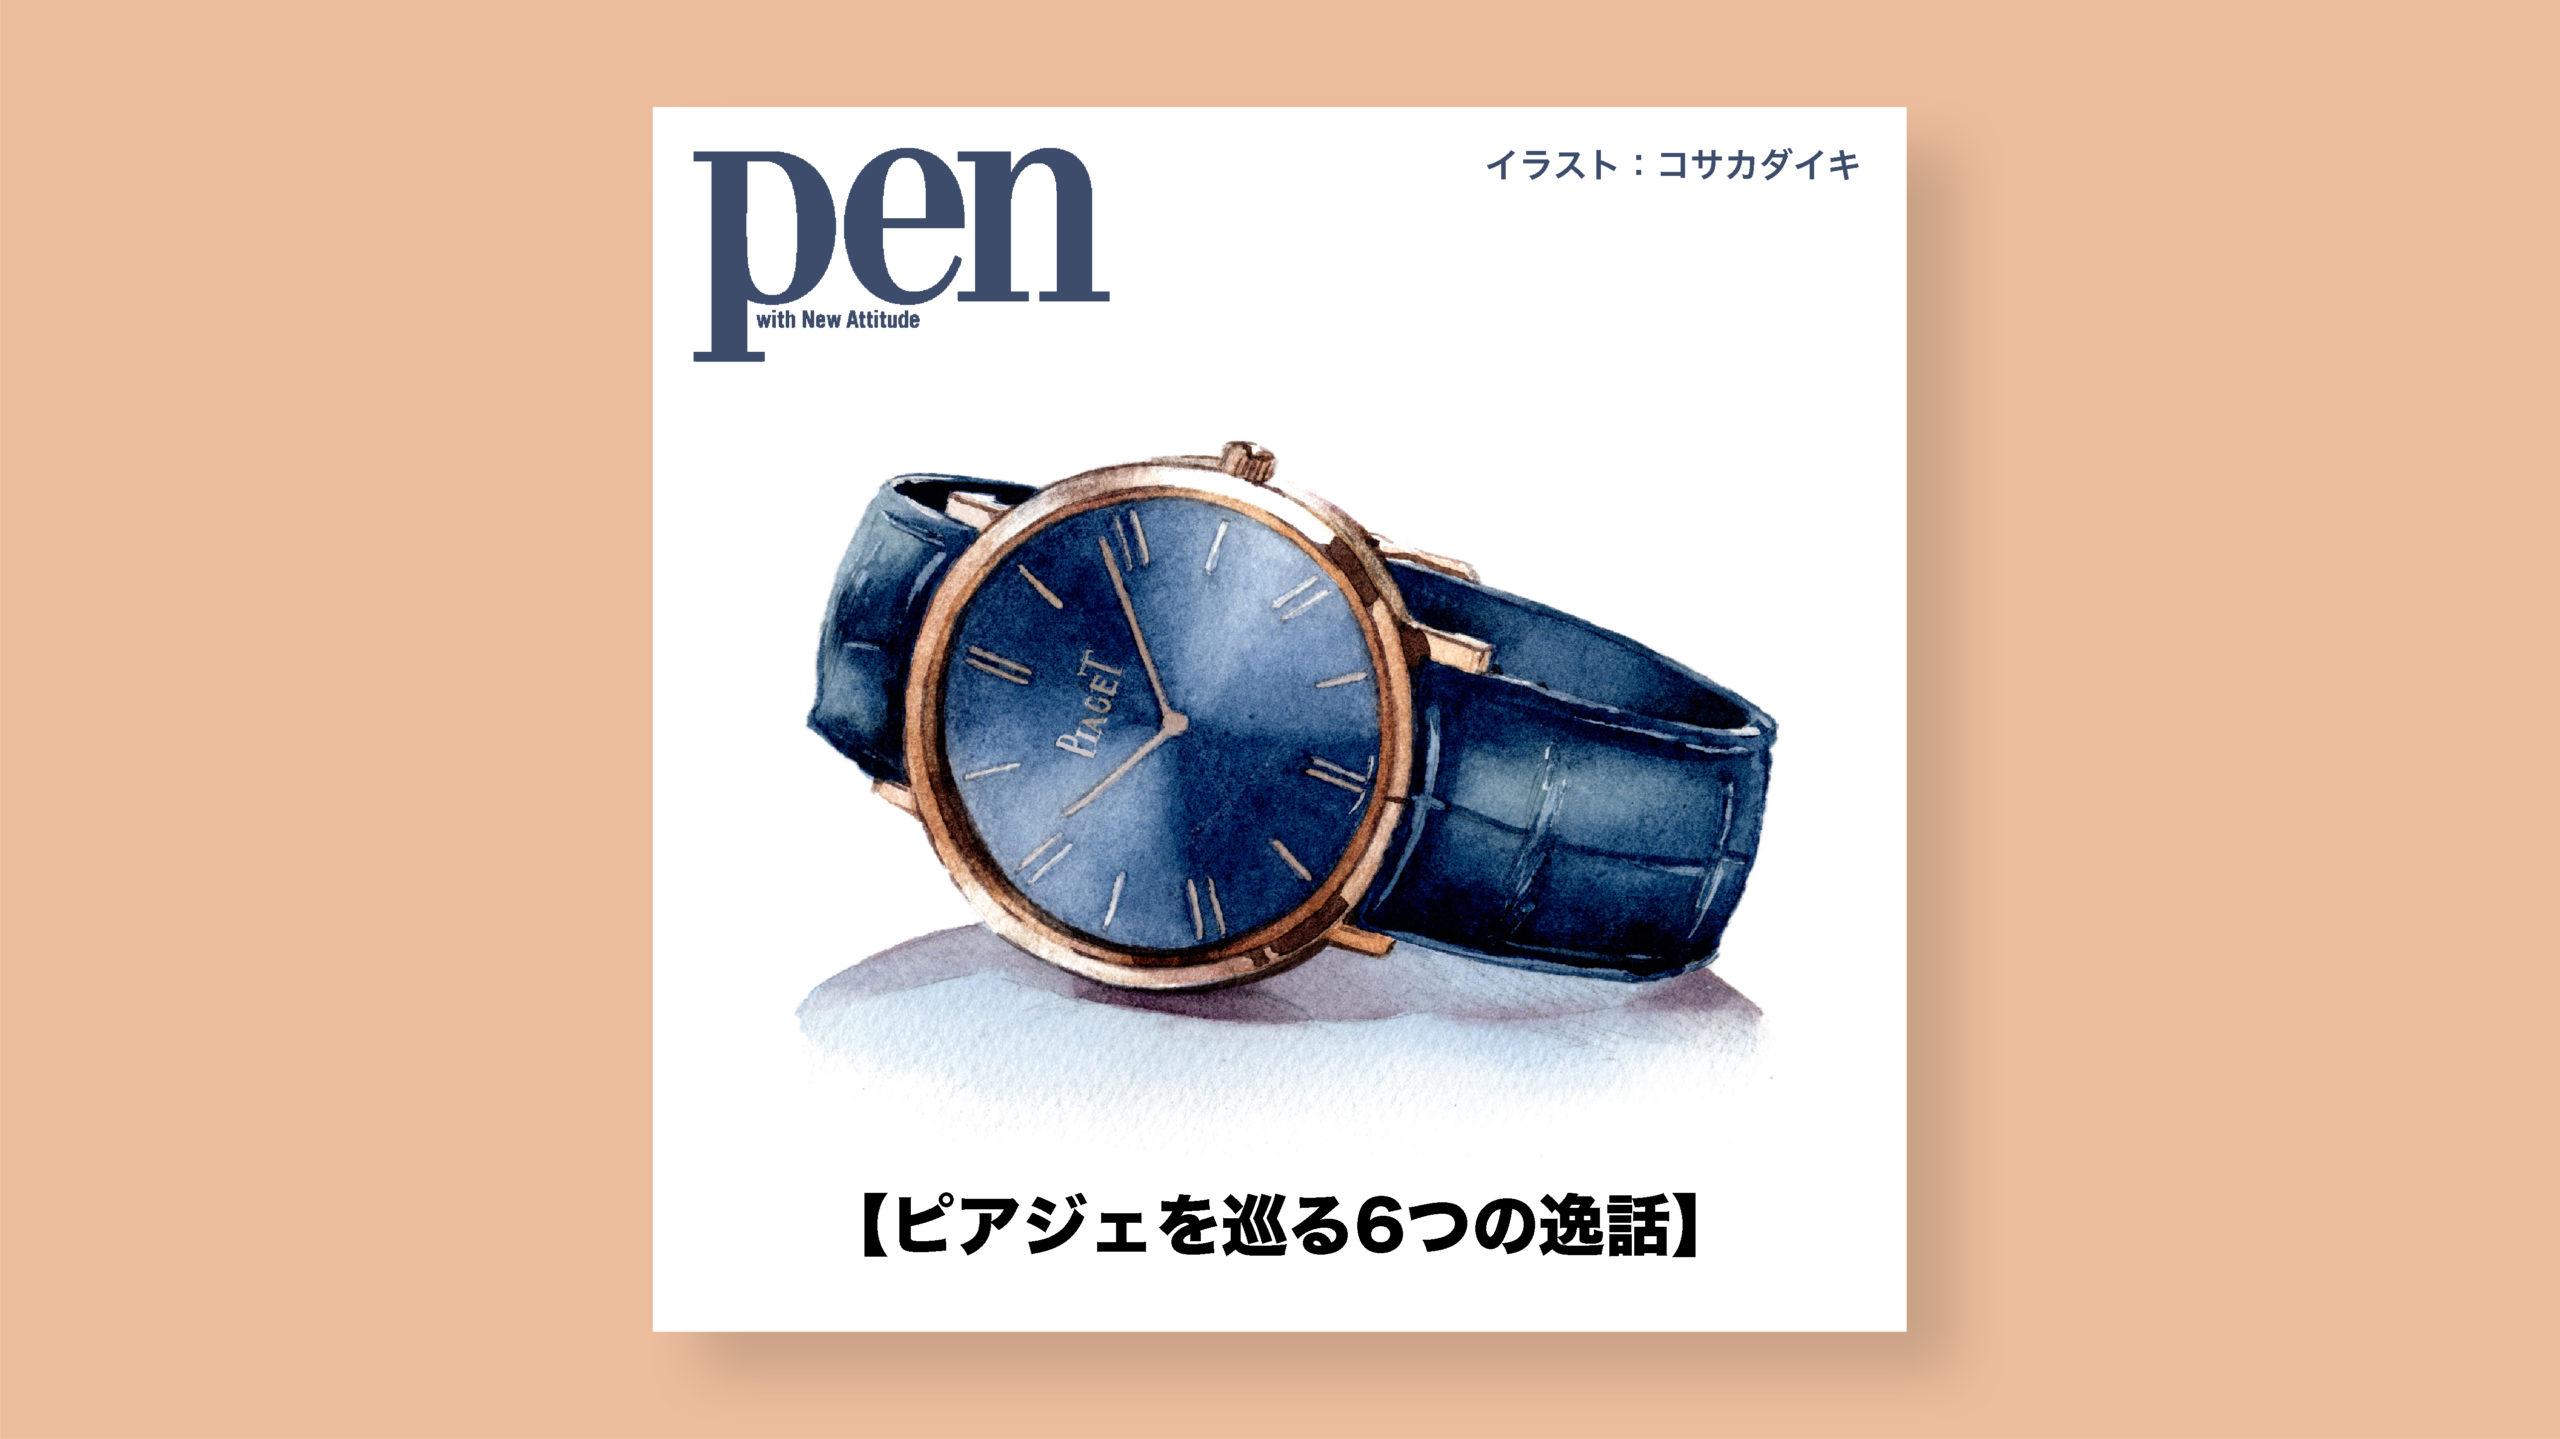 雑誌Pen 【ピアジェを巡る6つの逸話】第1回:自社工房で実現した、超薄型時計への追求。時計イラスト